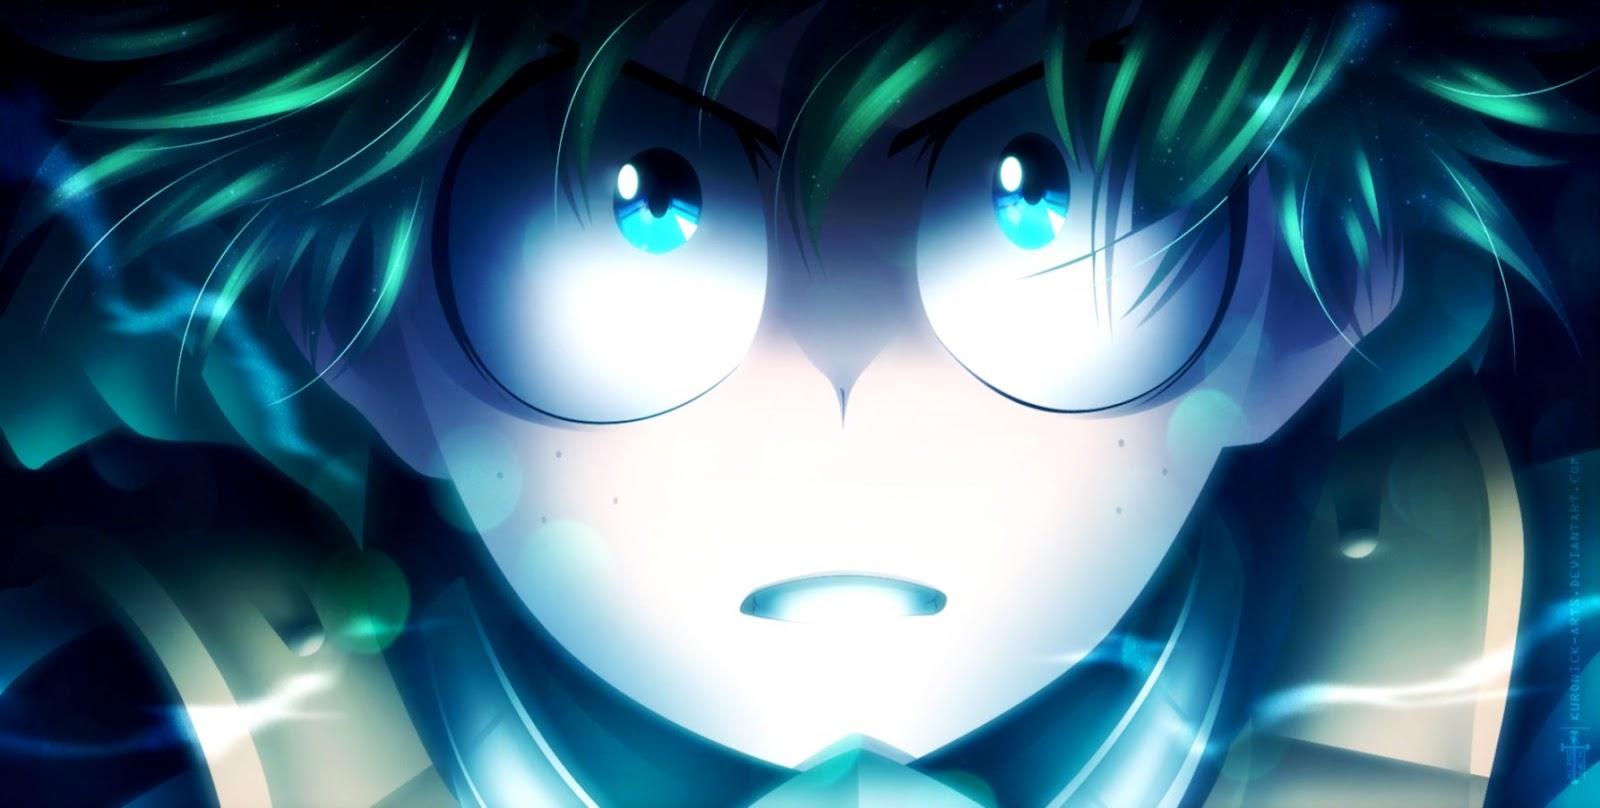 Anime Heroes Wallpaper 1080p Look Wallpapers